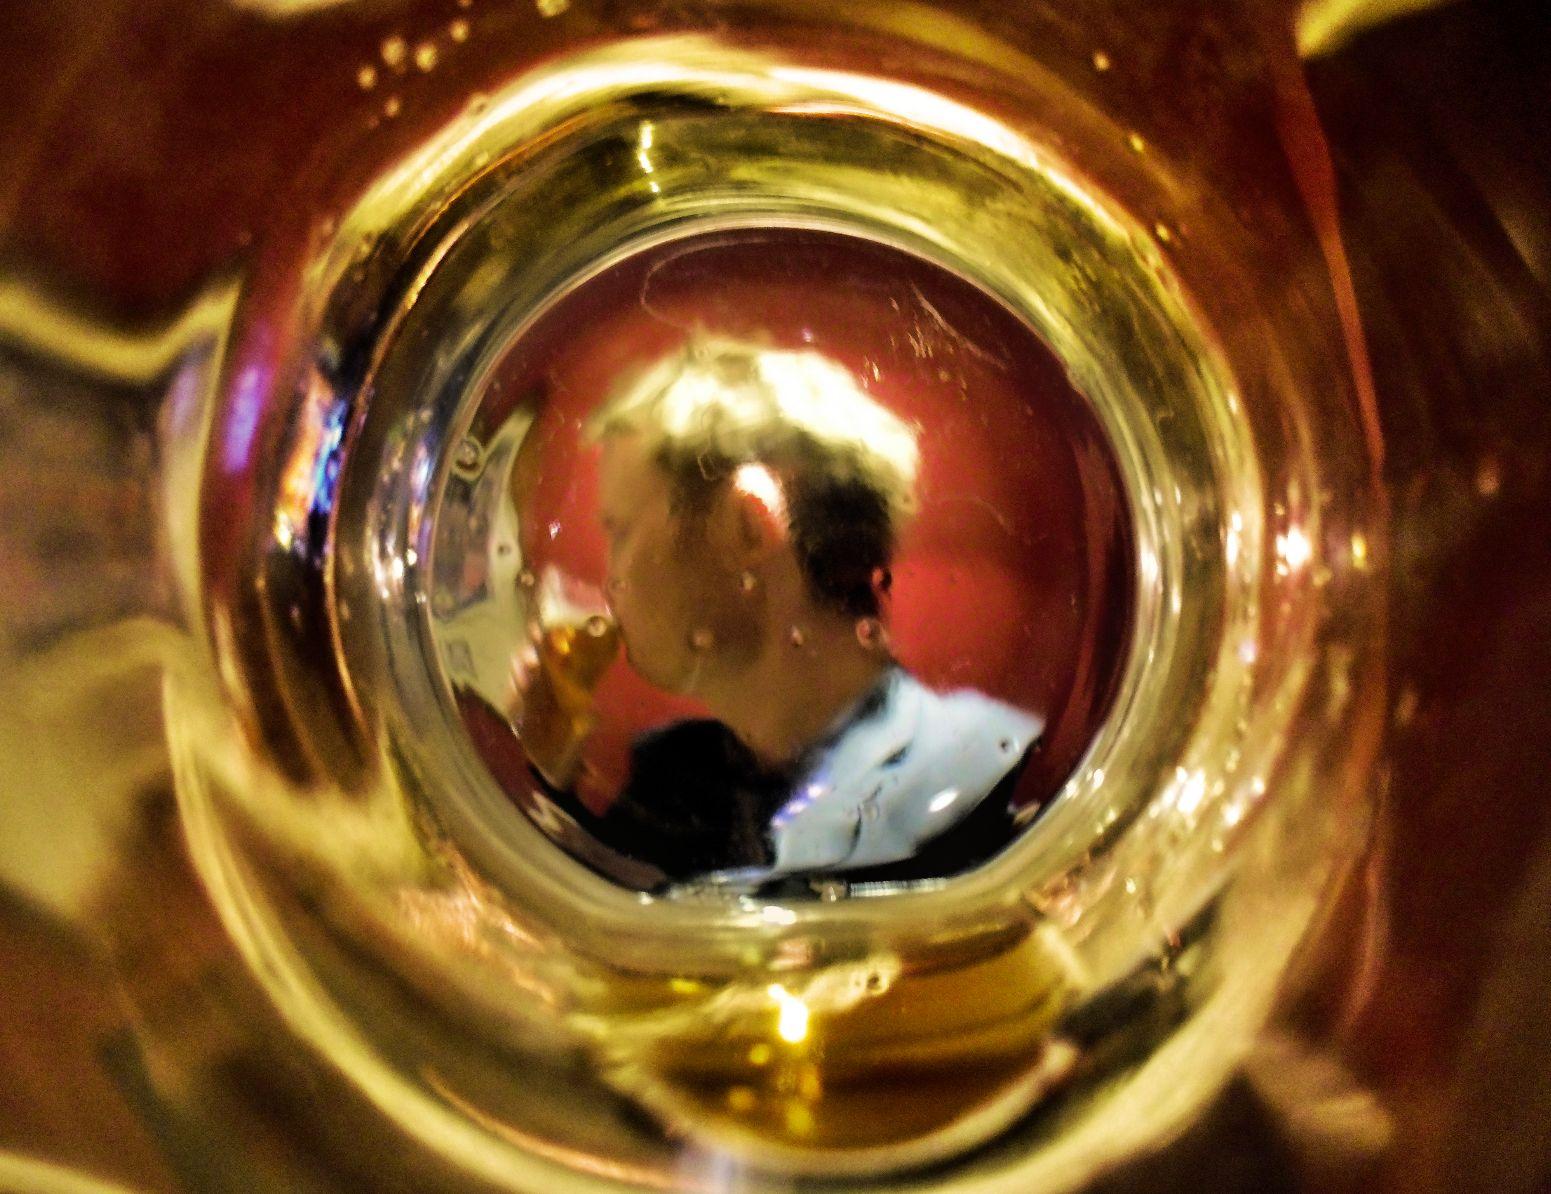 Alcoolisme : ces nouveaux traitements qui ne passent plus parl'abstinence totale